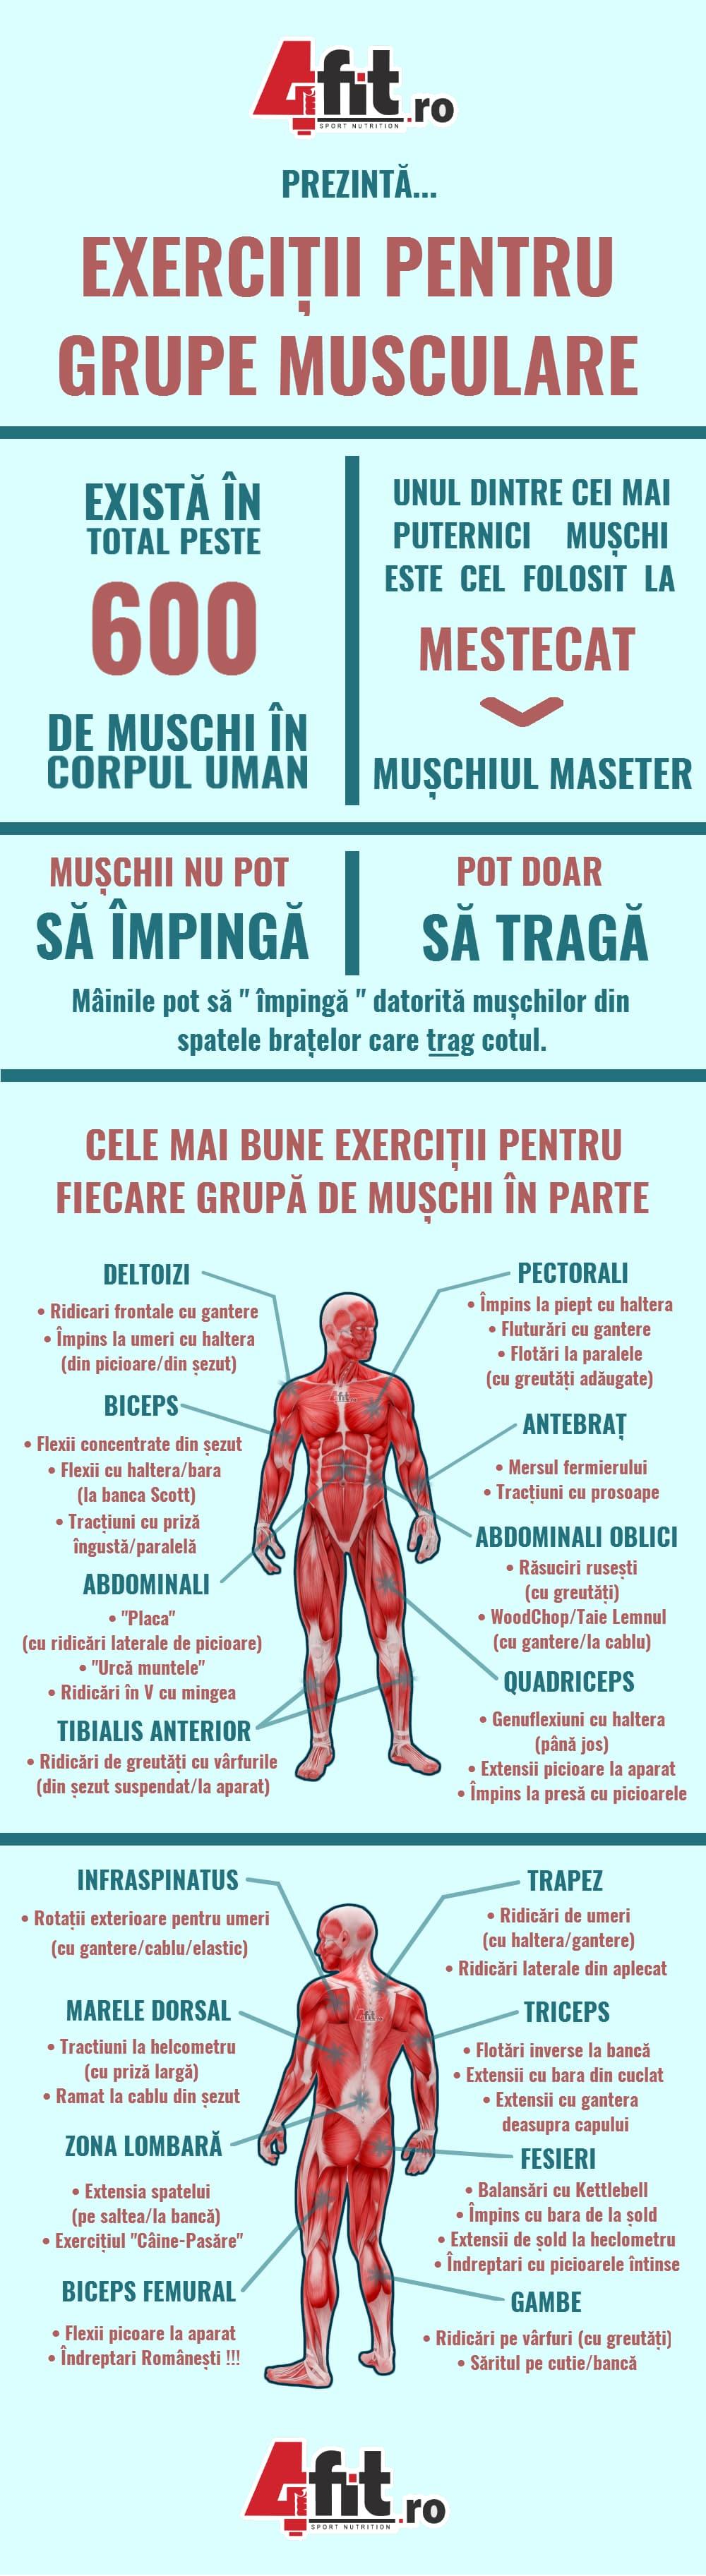 Exercitii pentru grupe musculare